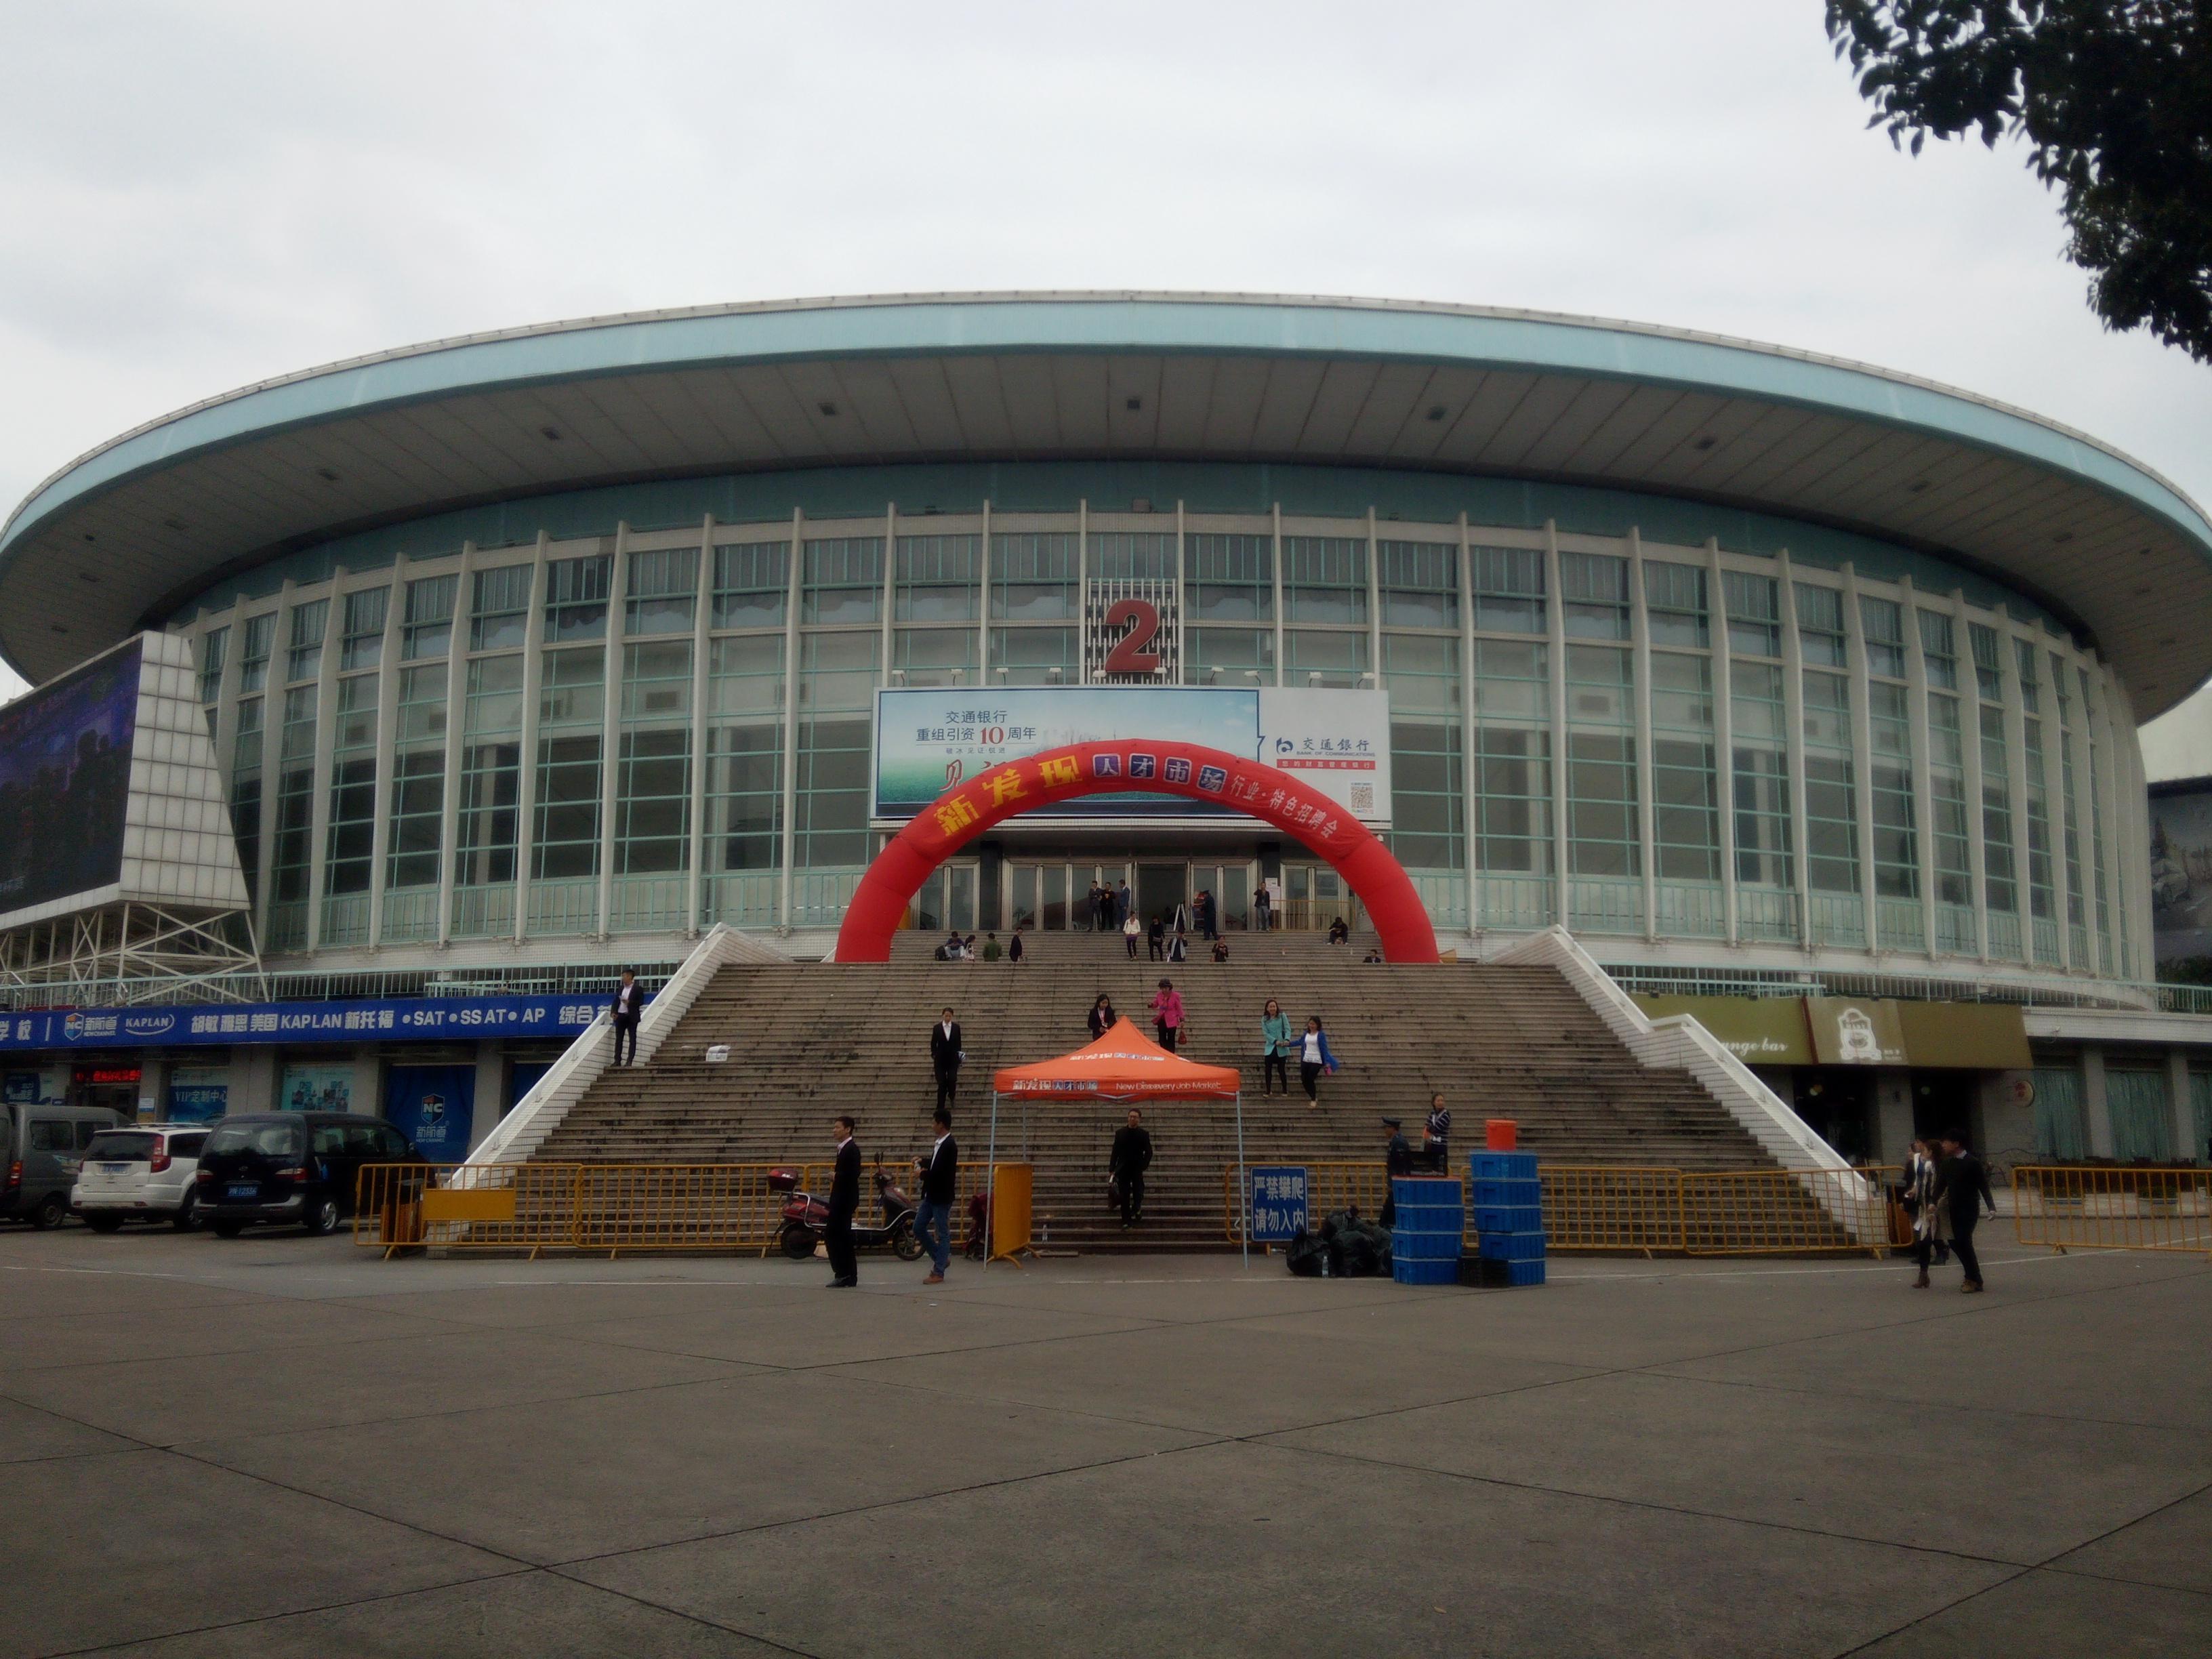 Stadium entrance photo